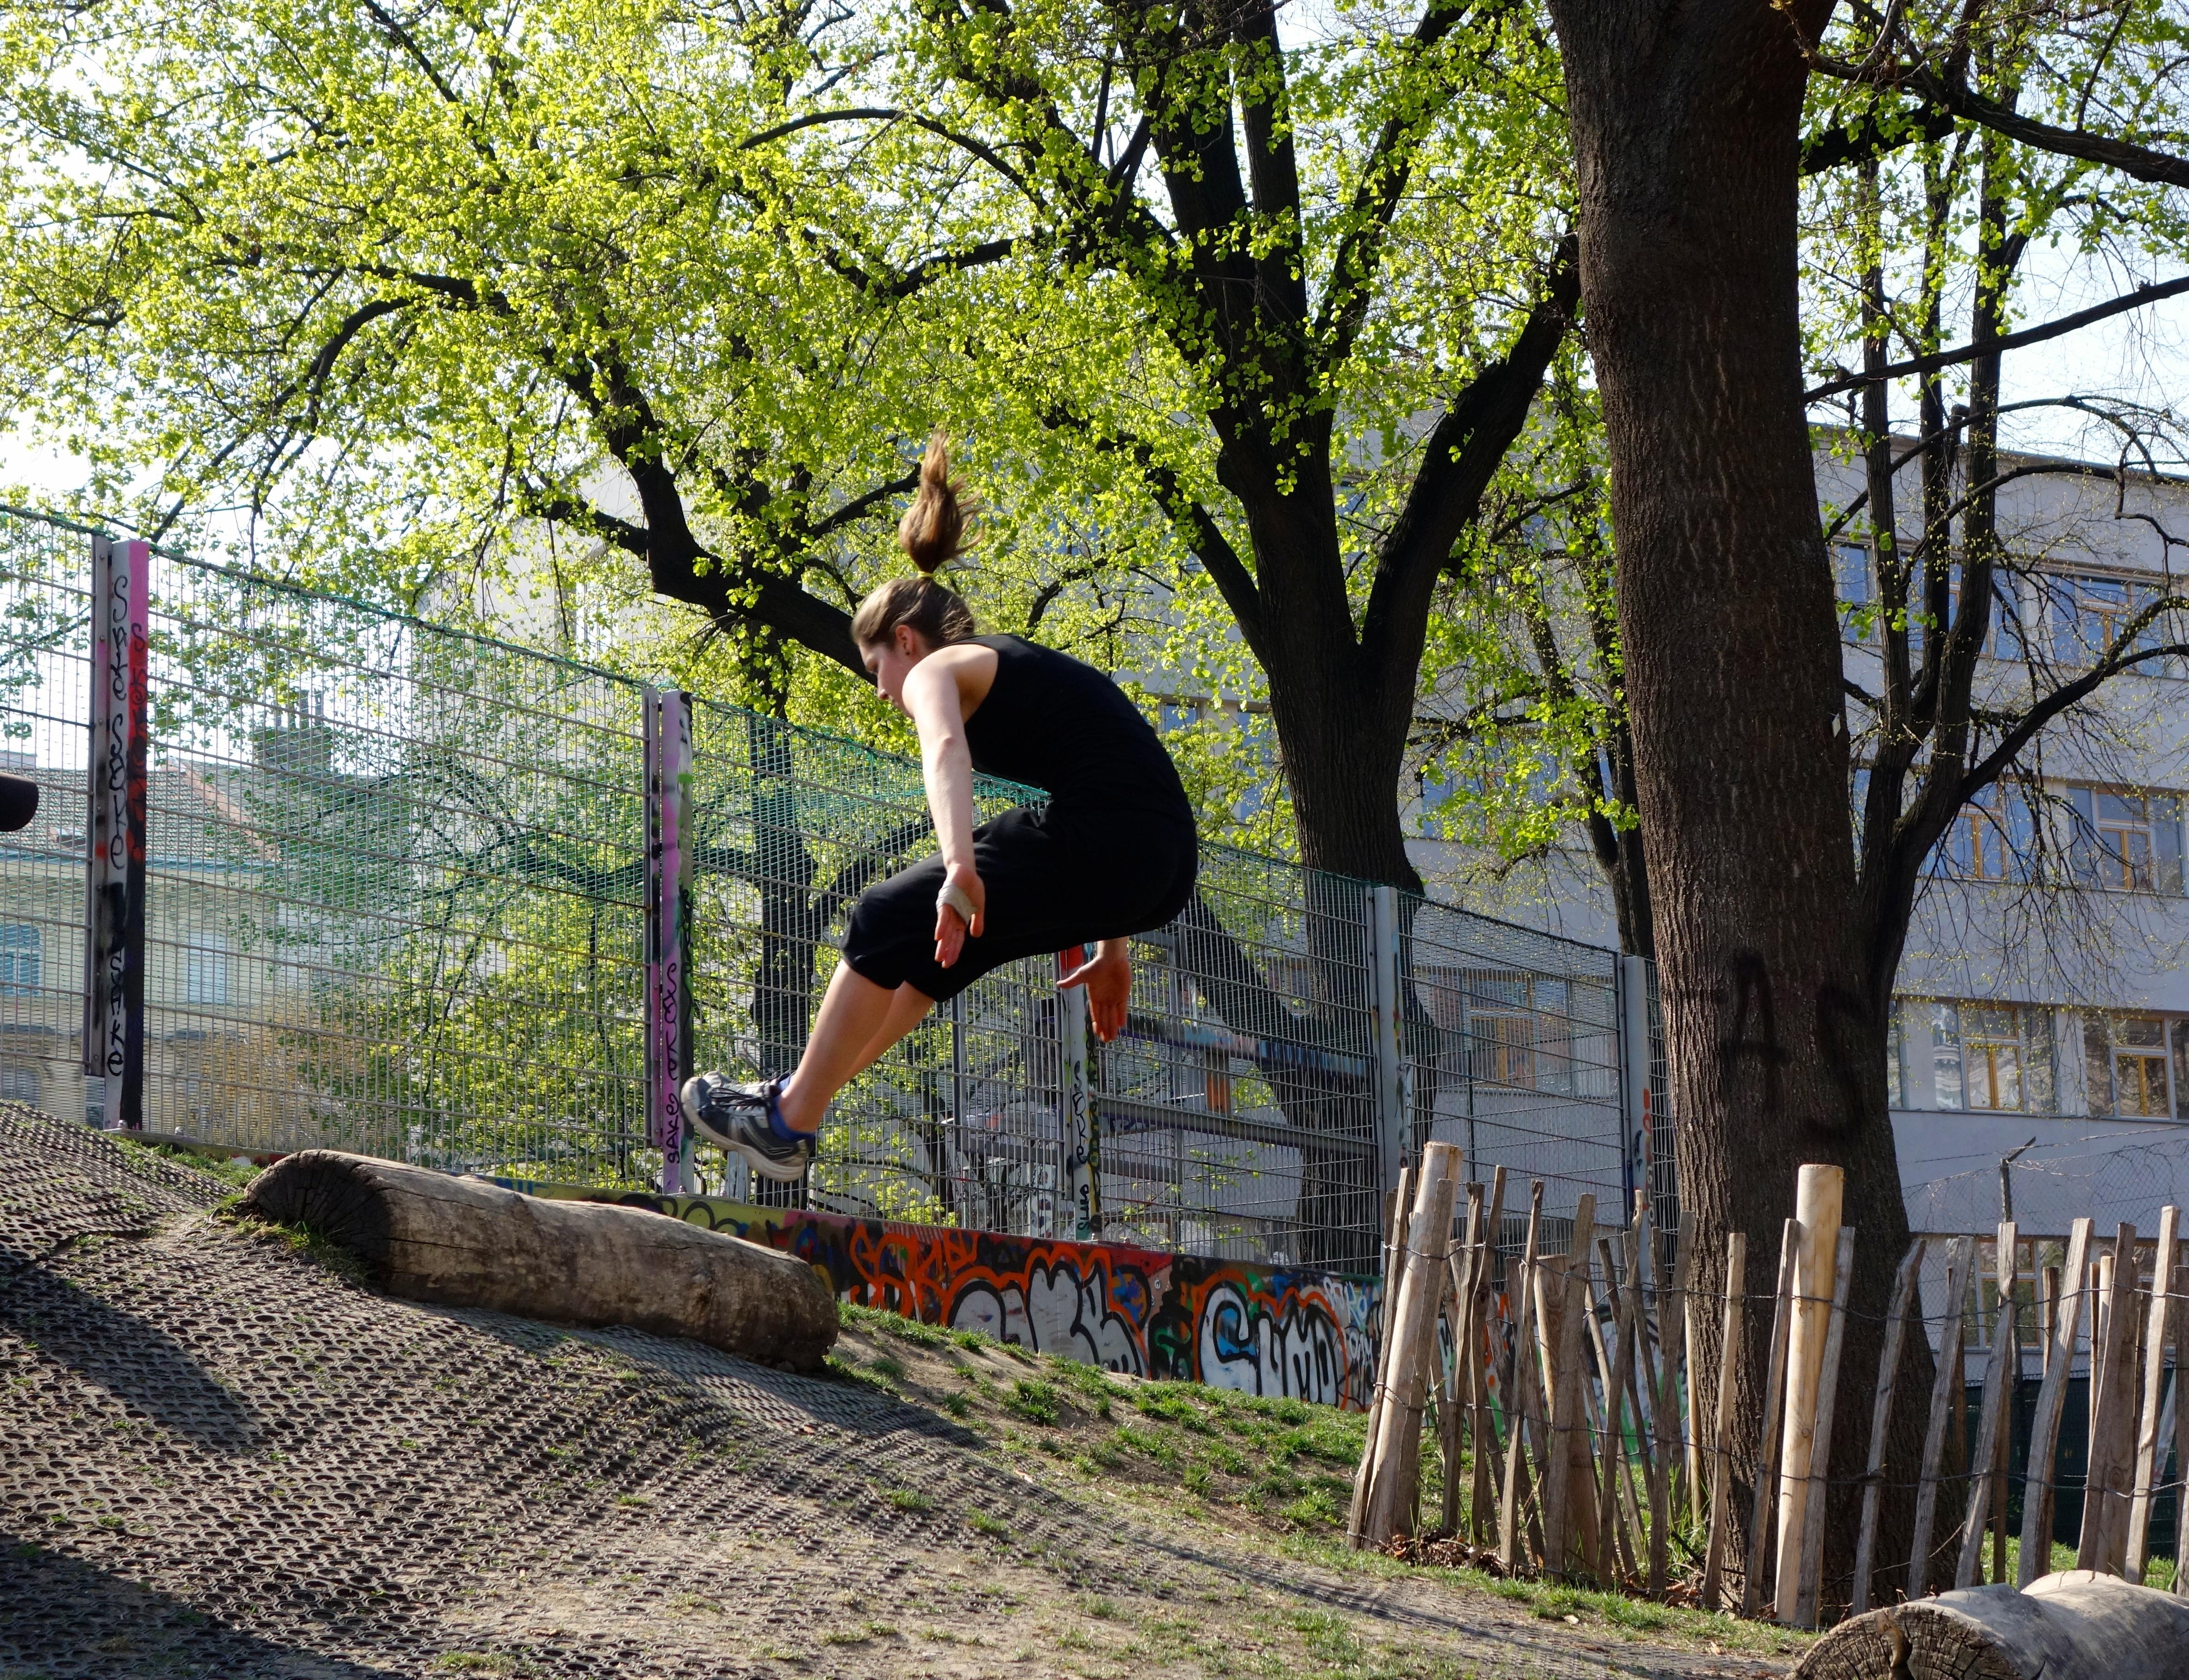 Kathi Landung